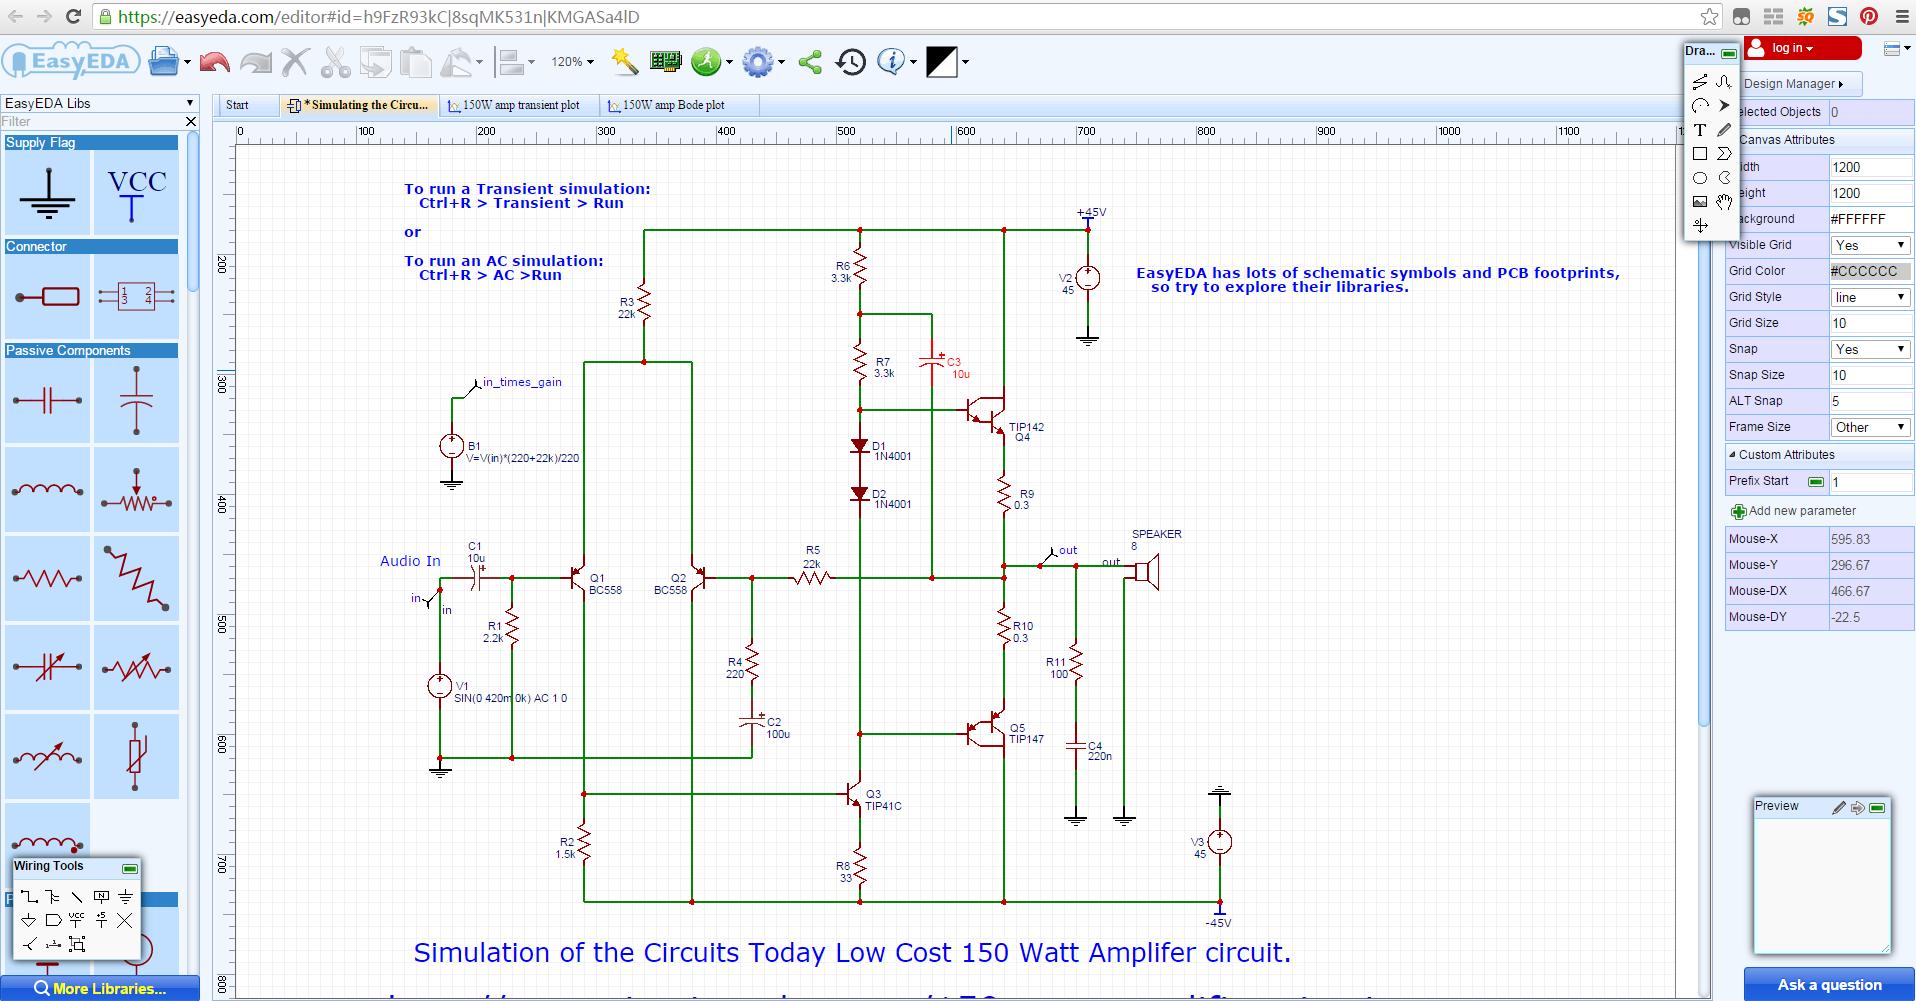 Schemi Elettrici Programma Gratis : Easyeda disegno e simulazione di circuiti elettronici